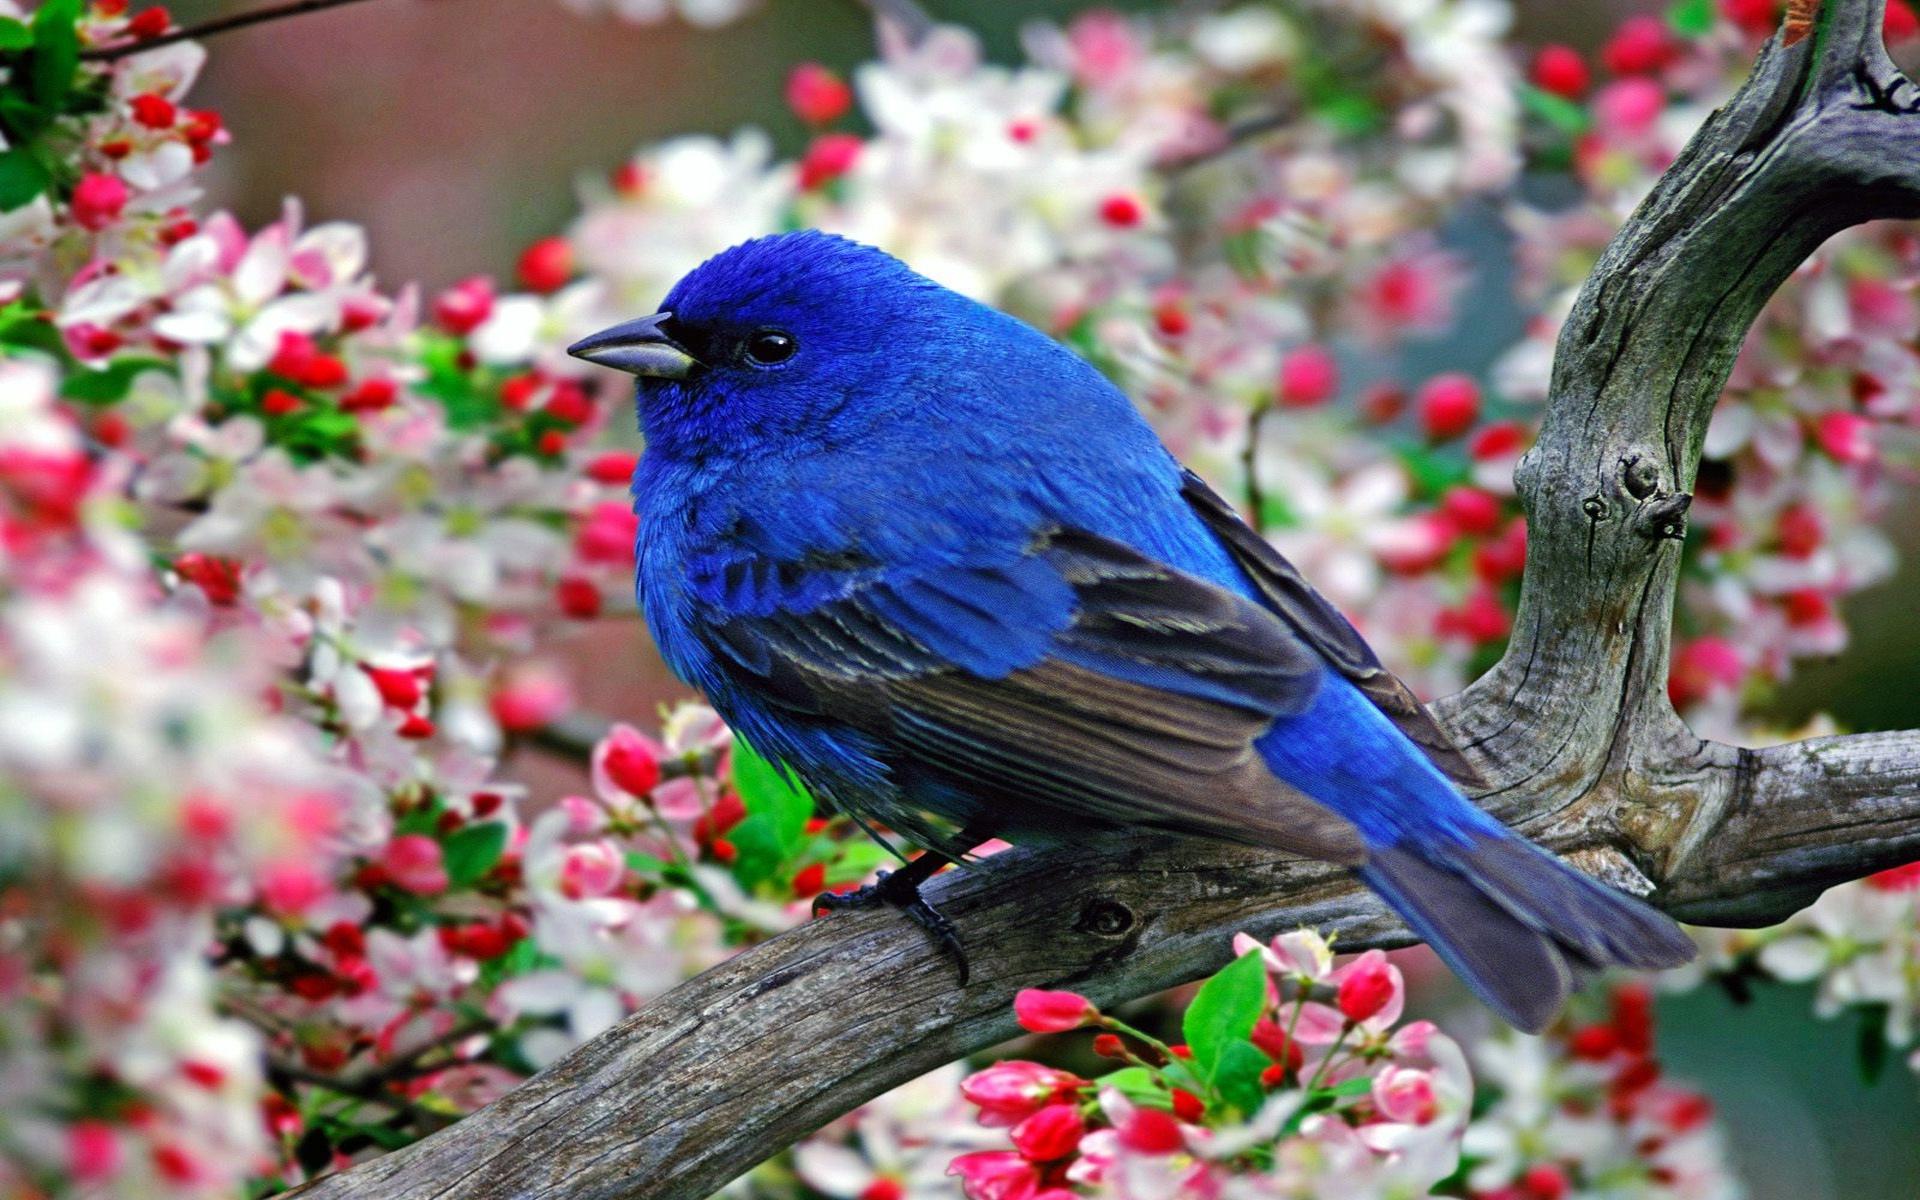 Blue Bird HD wallpaper 256581 1920x1200